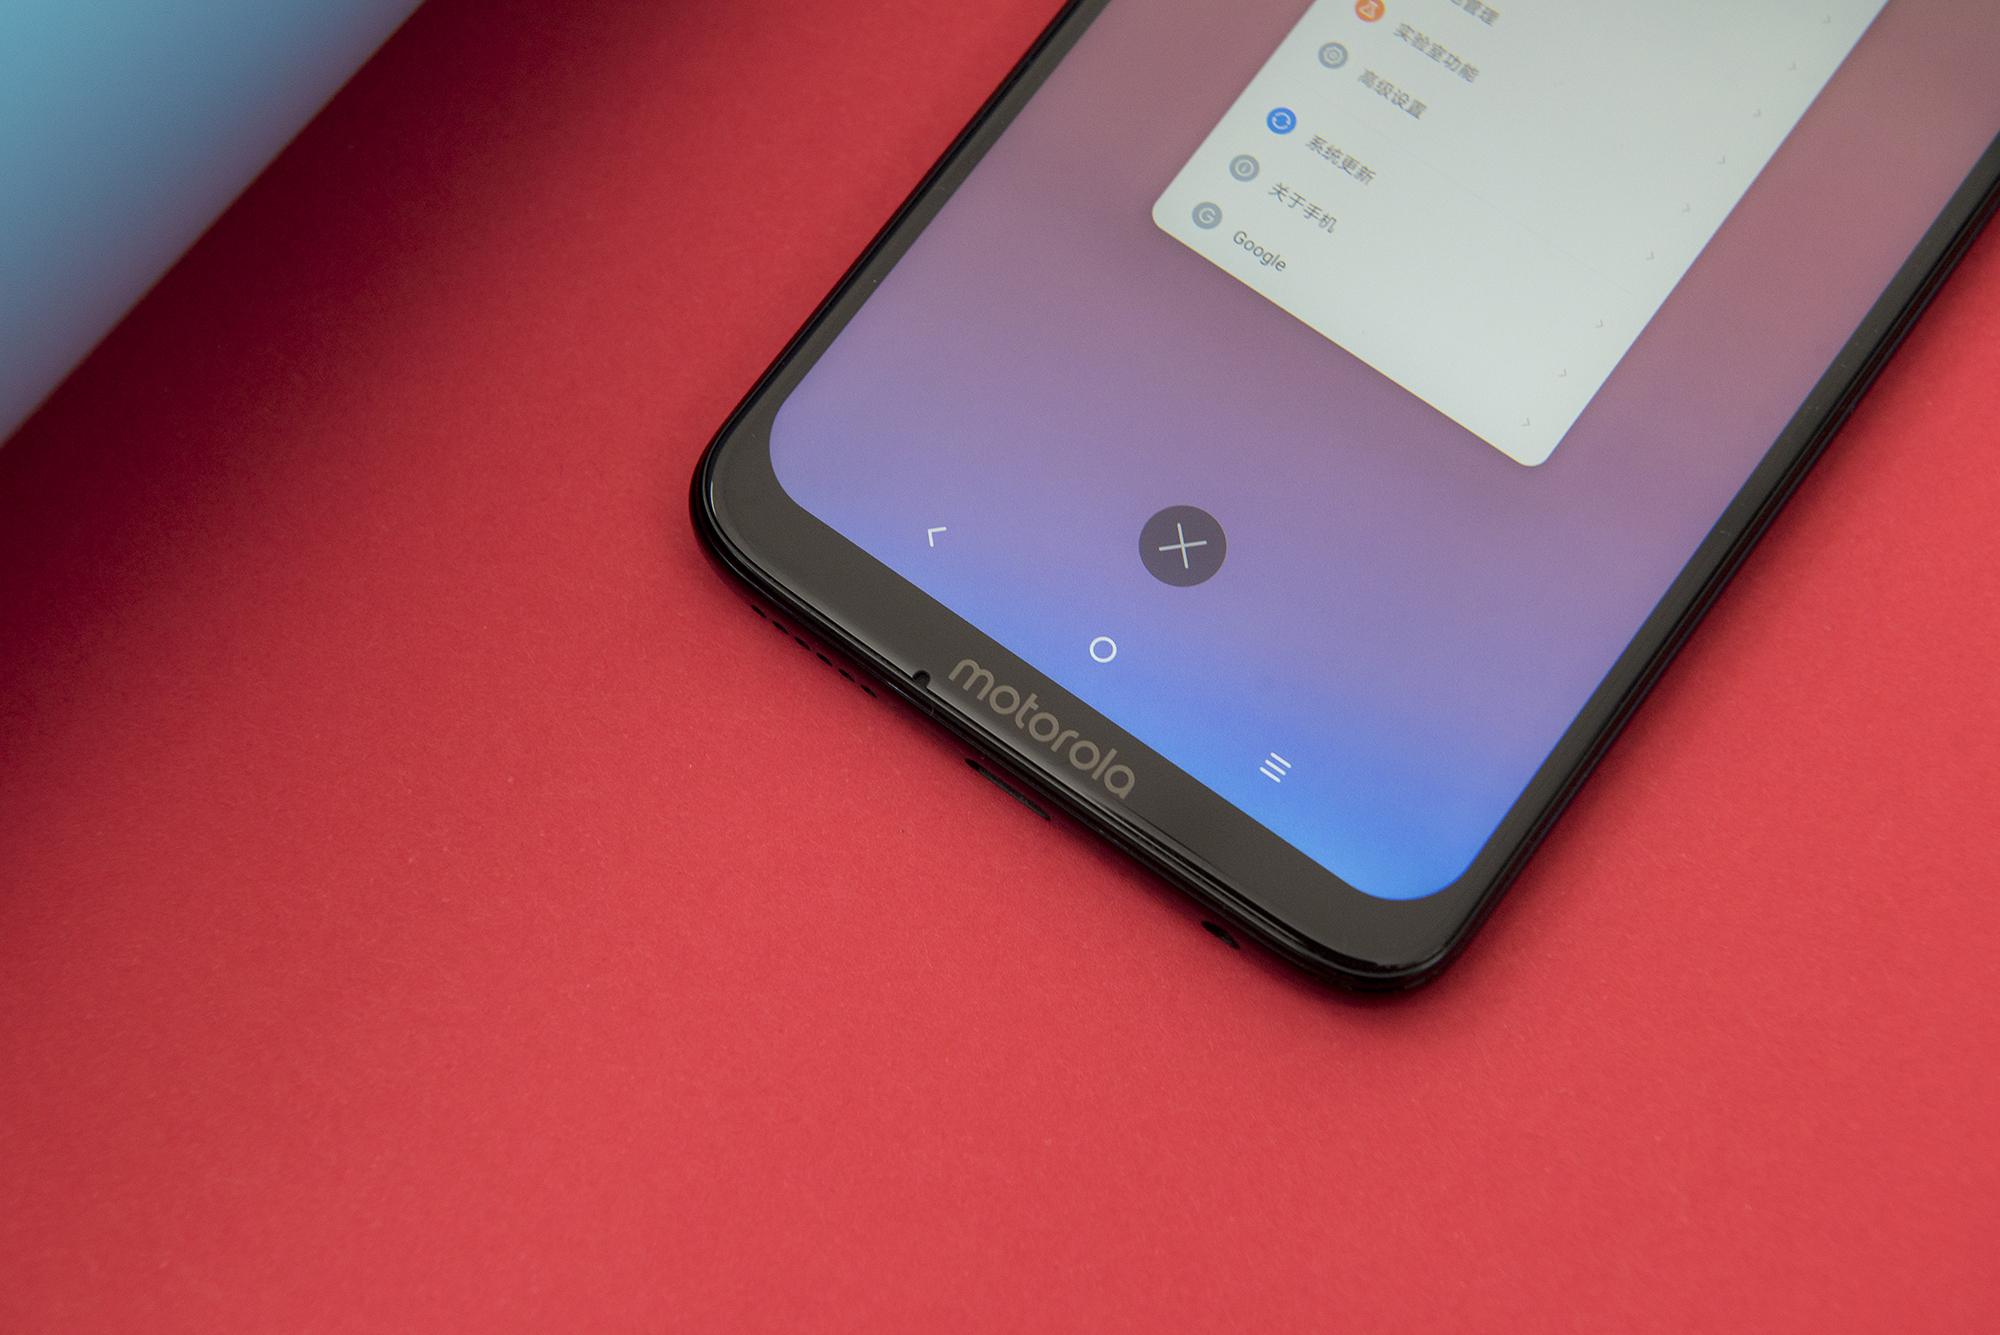 单叶双曲面三d夹层玻璃后盖板,摩托罗拉手机g7 plus深海蓝拆箱